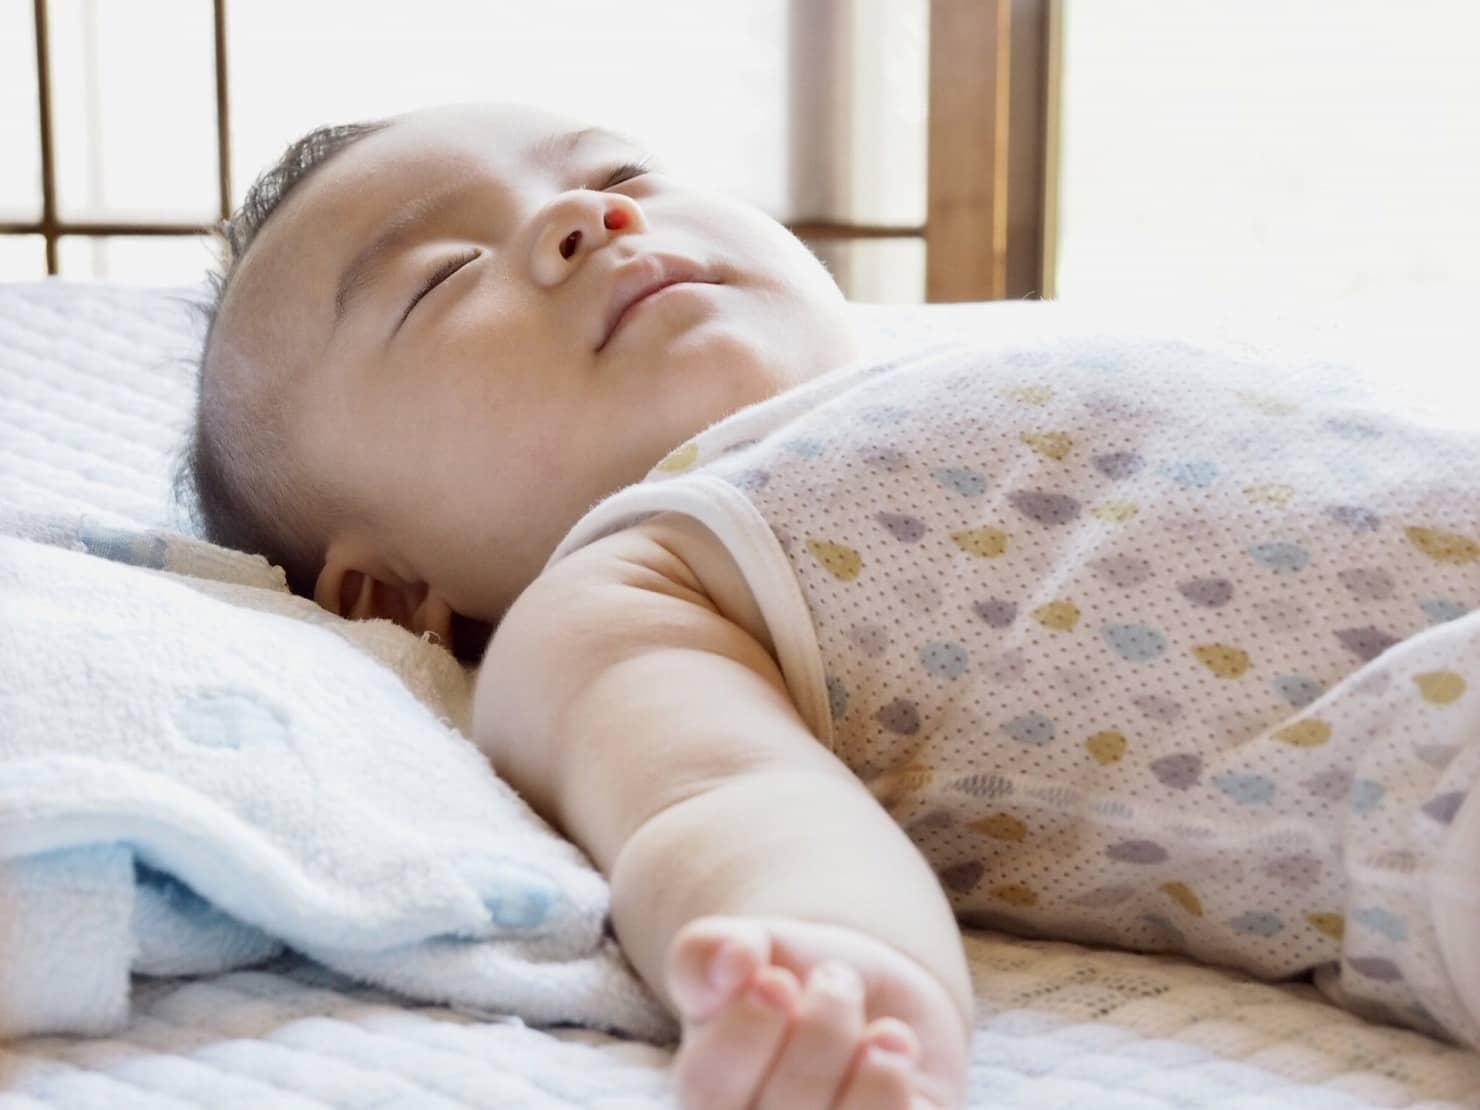 吐き戻し防止枕って何? 選び方やおすすめ、授乳クッションやタオルで代用する方法も紹介